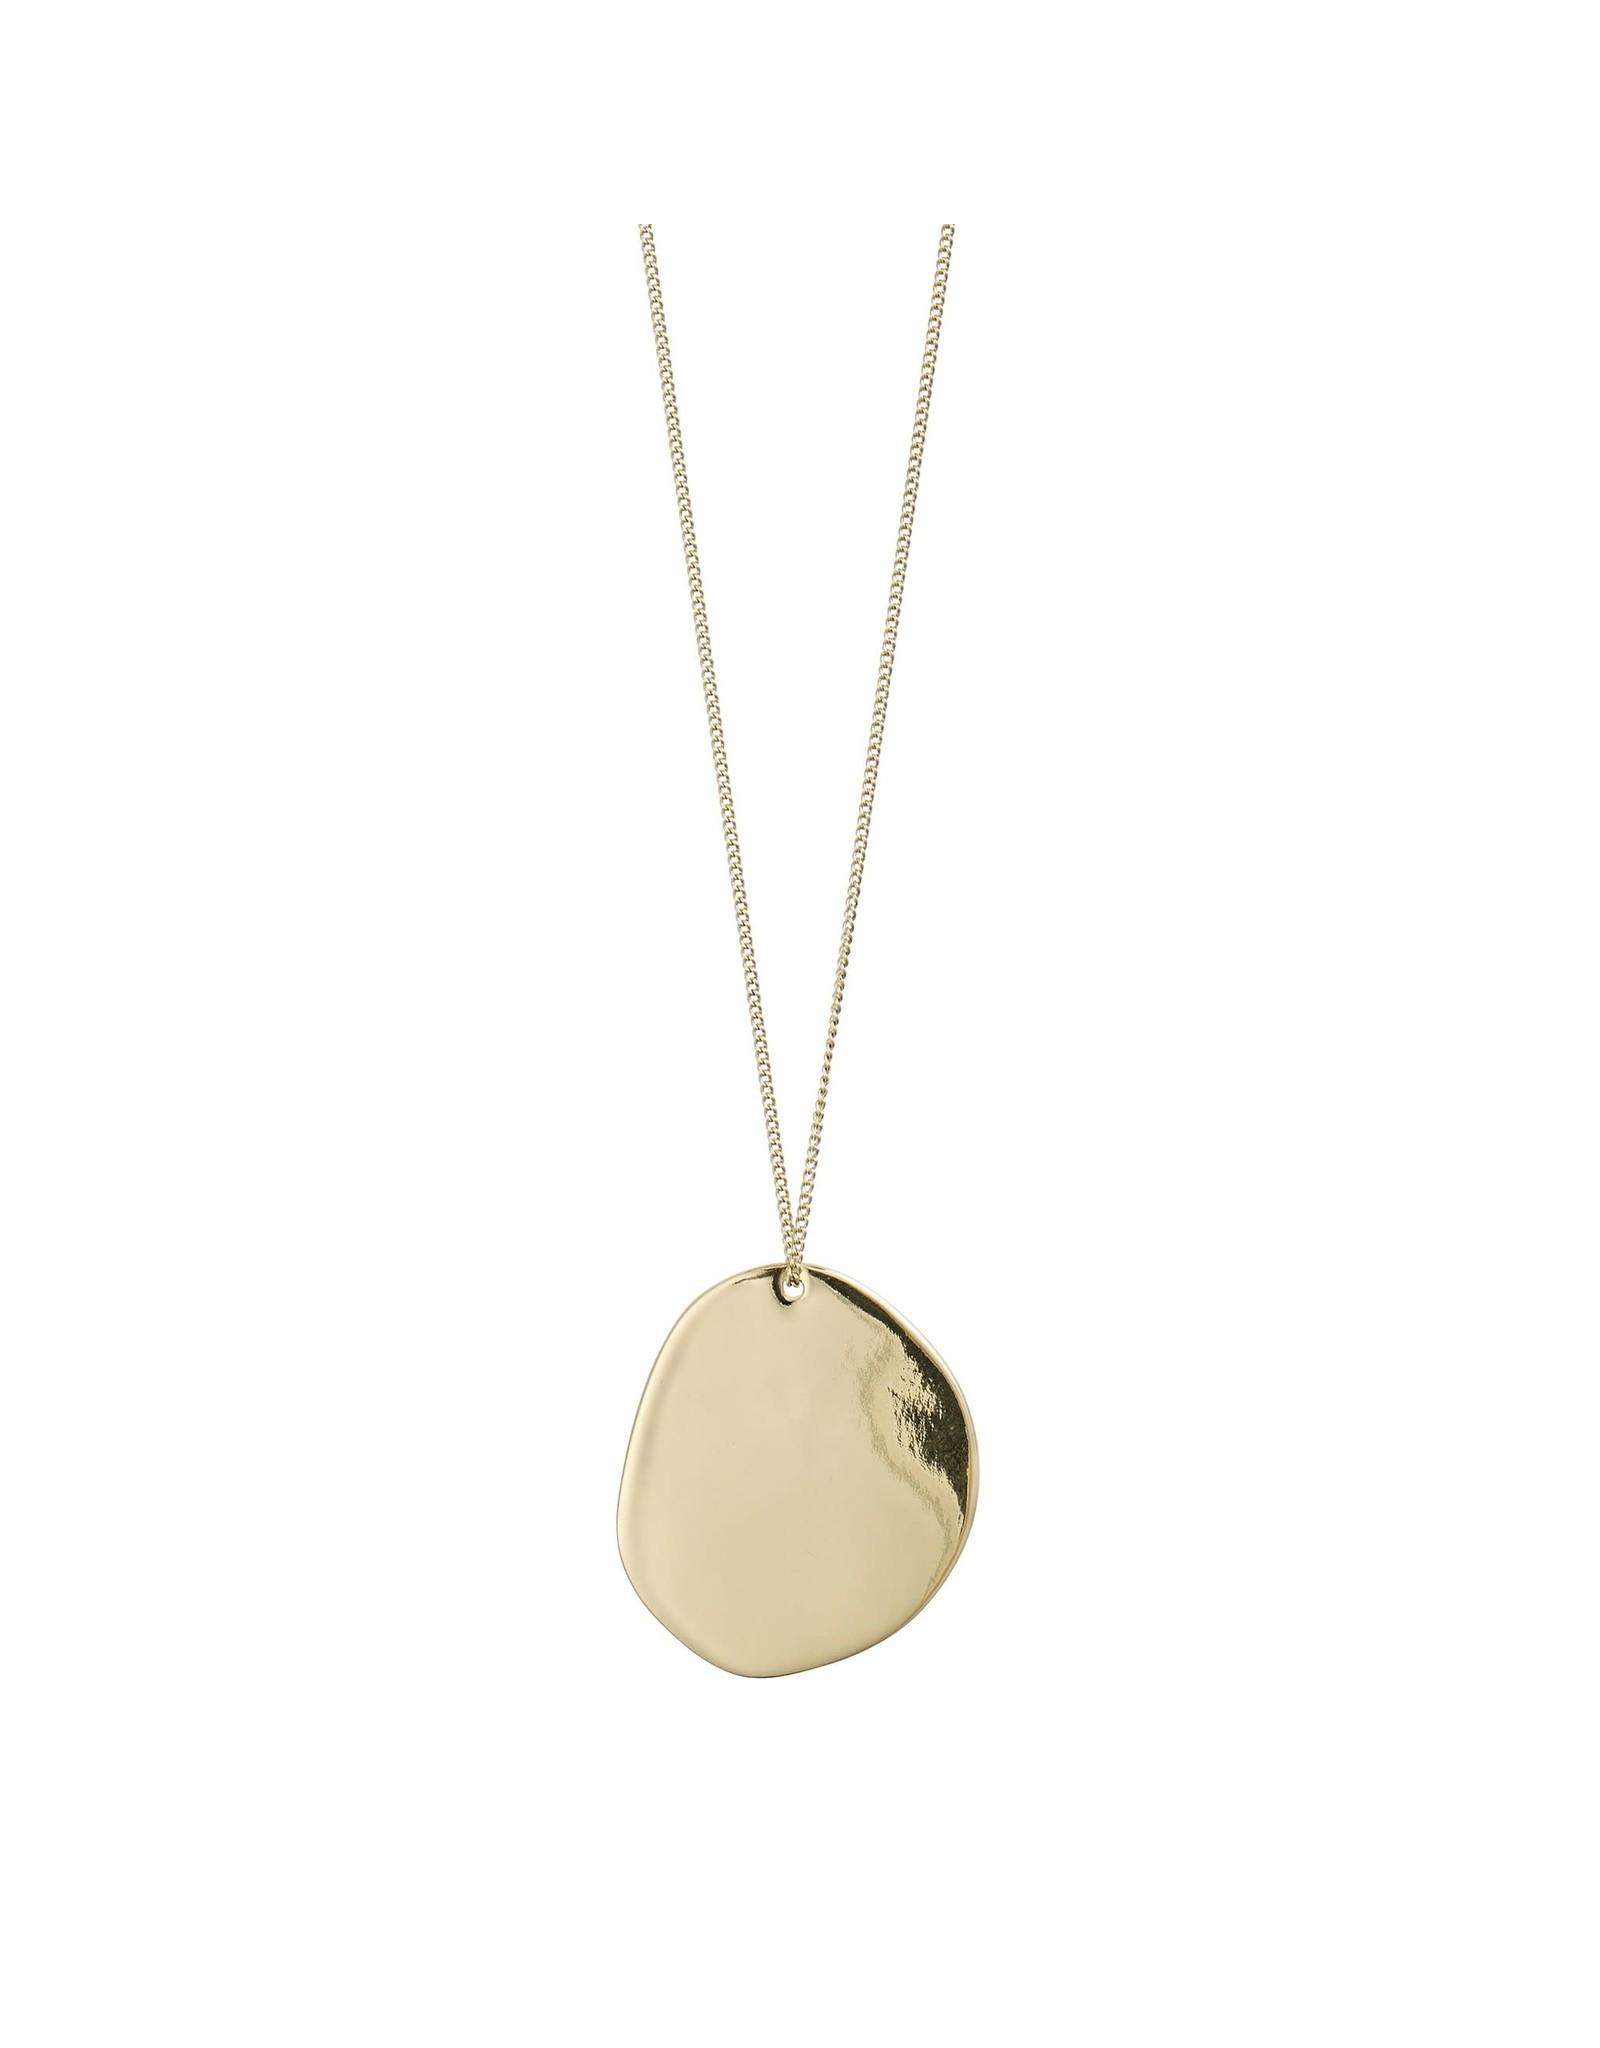 Pilgrim Pilgrim Love Necklace Gold Plated II